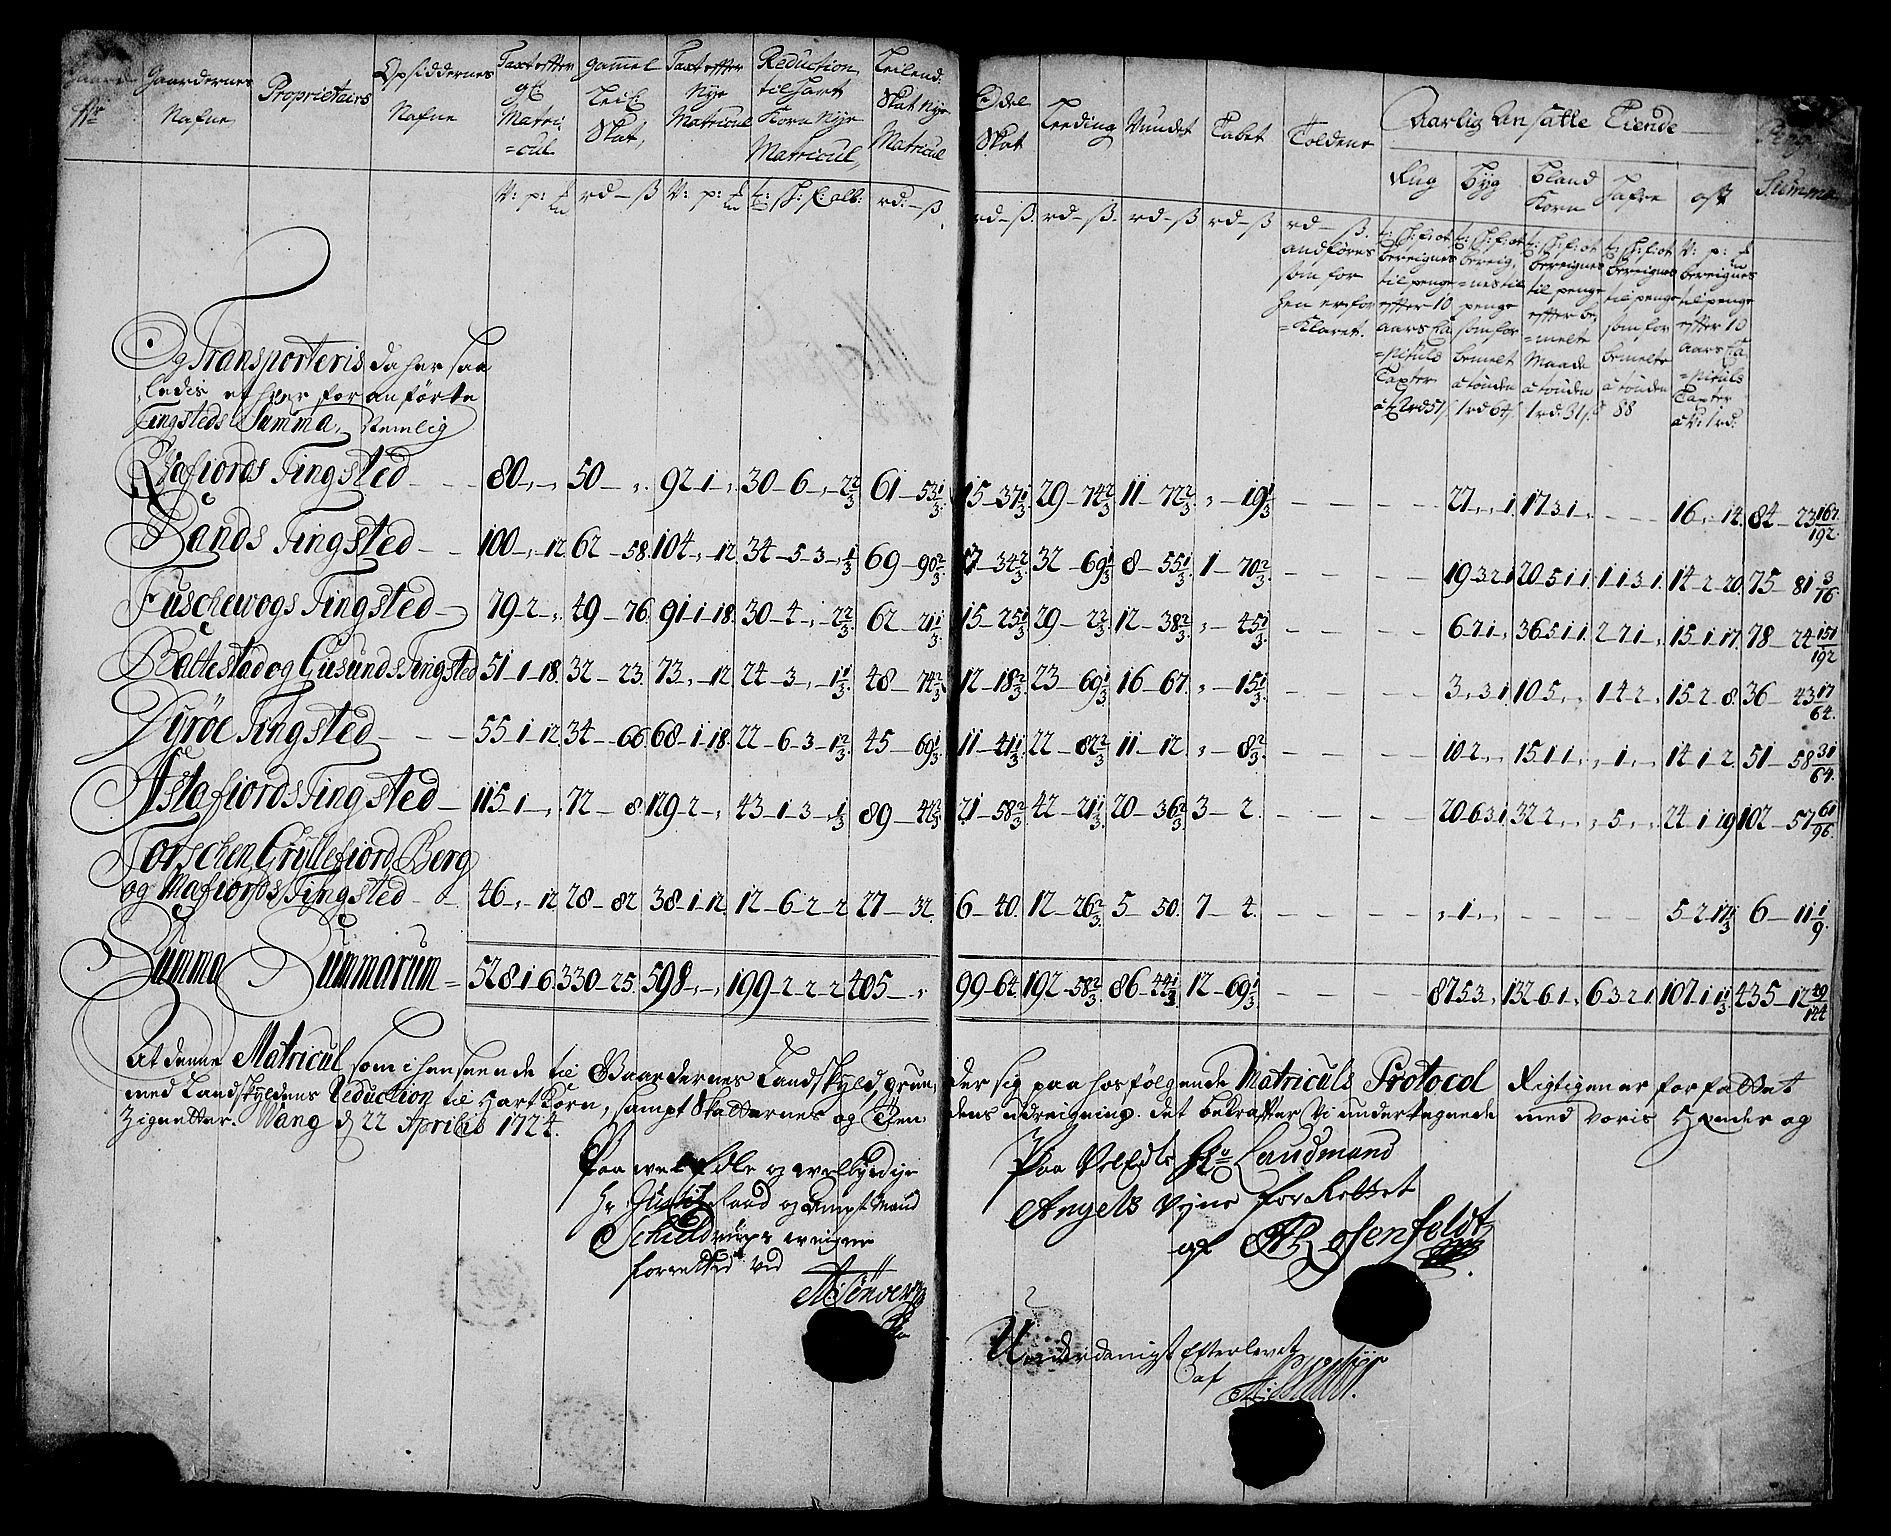 RA, Rentekammeret inntil 1814, Realistisk ordnet avdeling, N/Nb/Nbf/L0179: Senja matrikkelprotokoll, 1723, s. 116b-117a